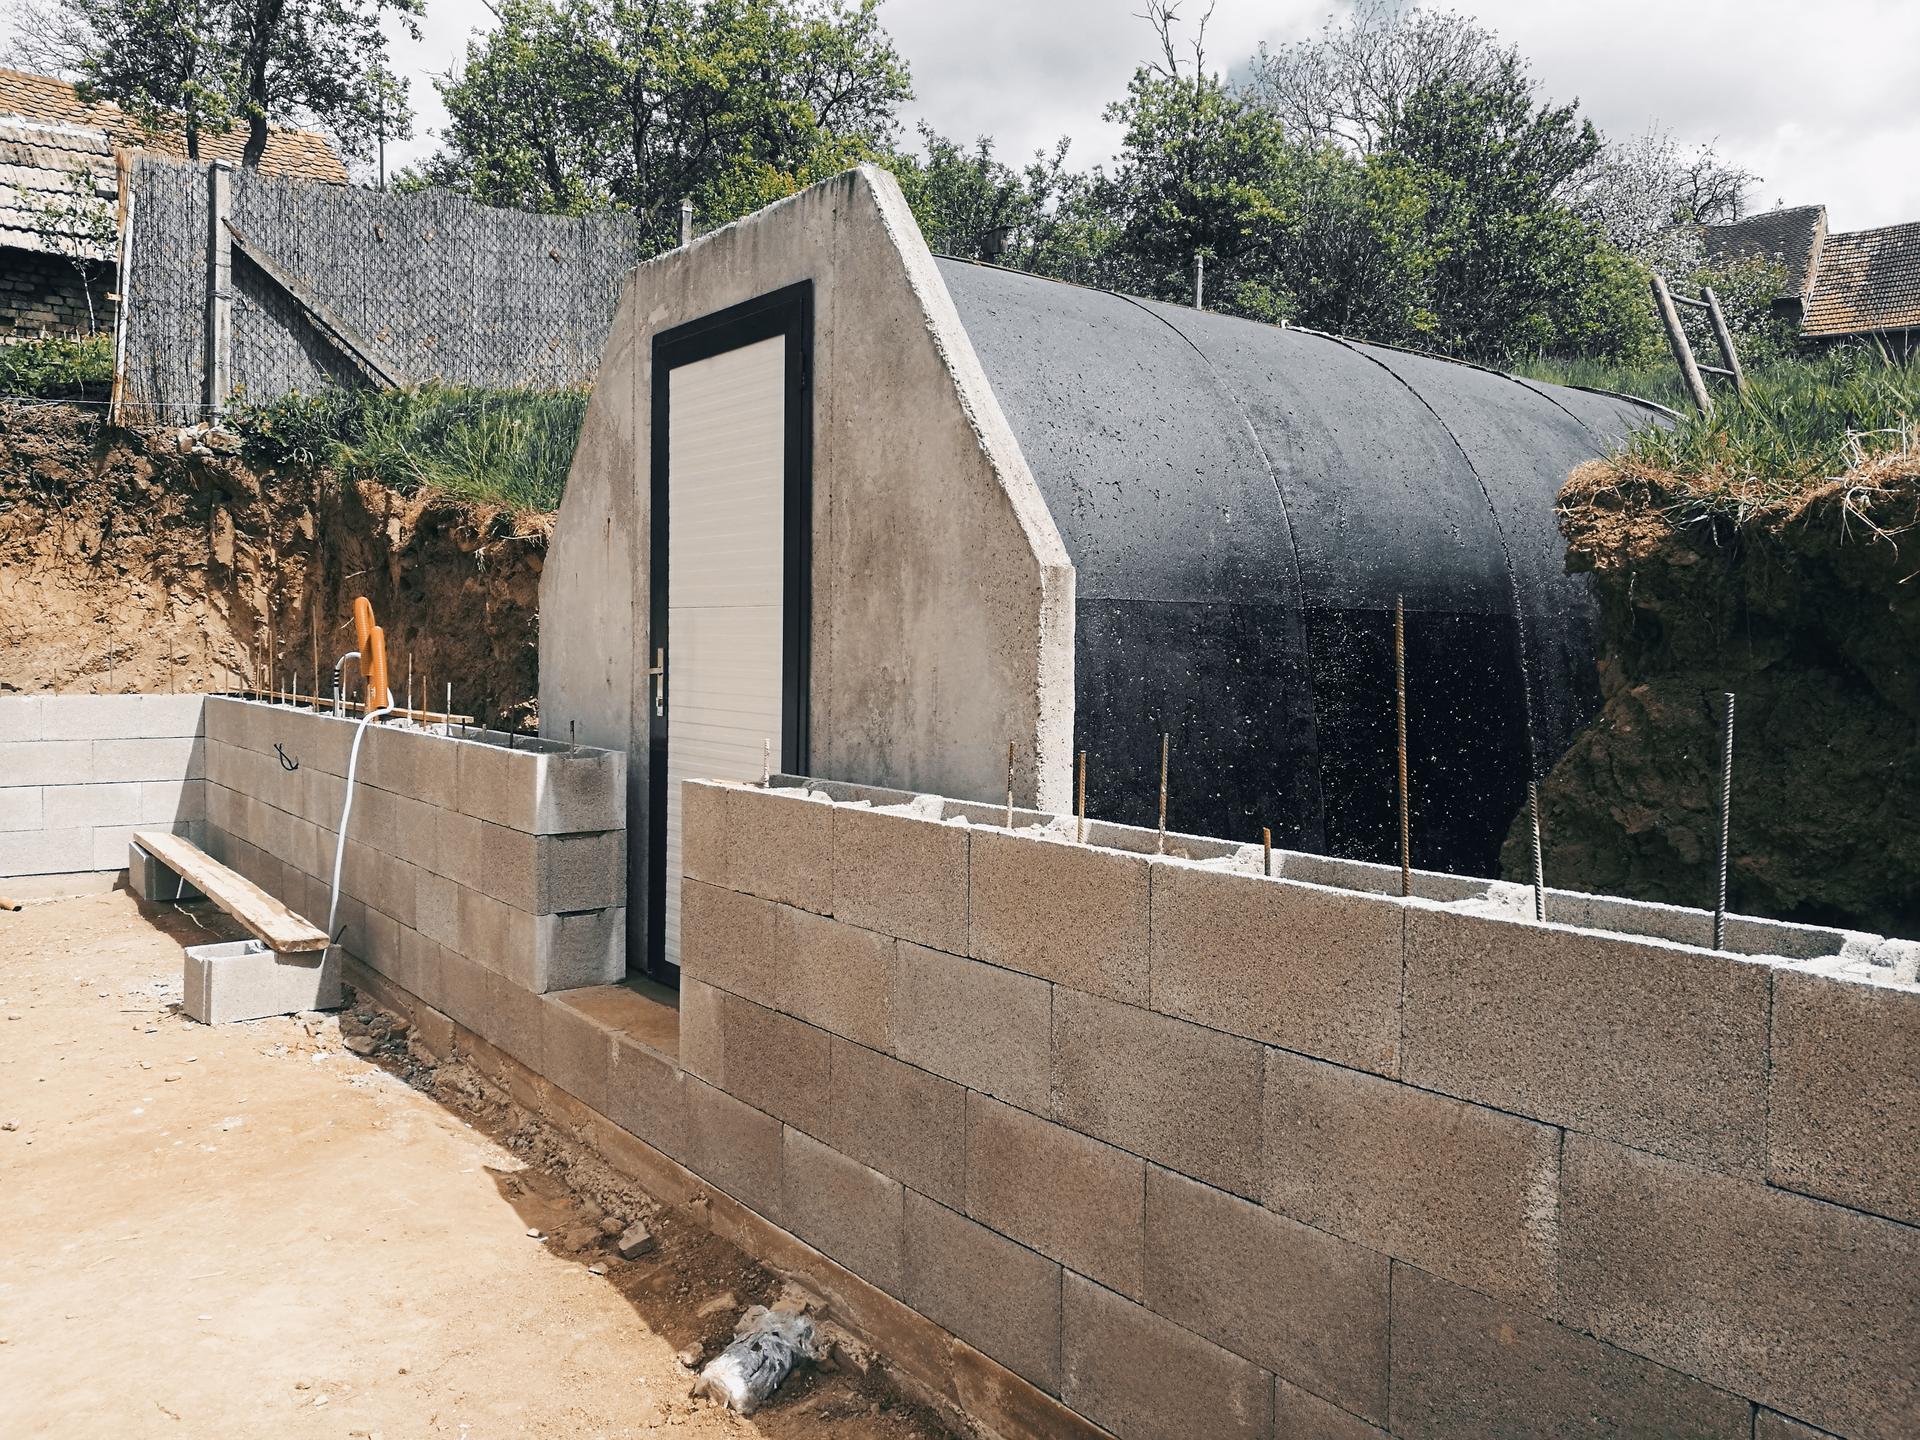 Stavíme domeček - Obrázek č. 6